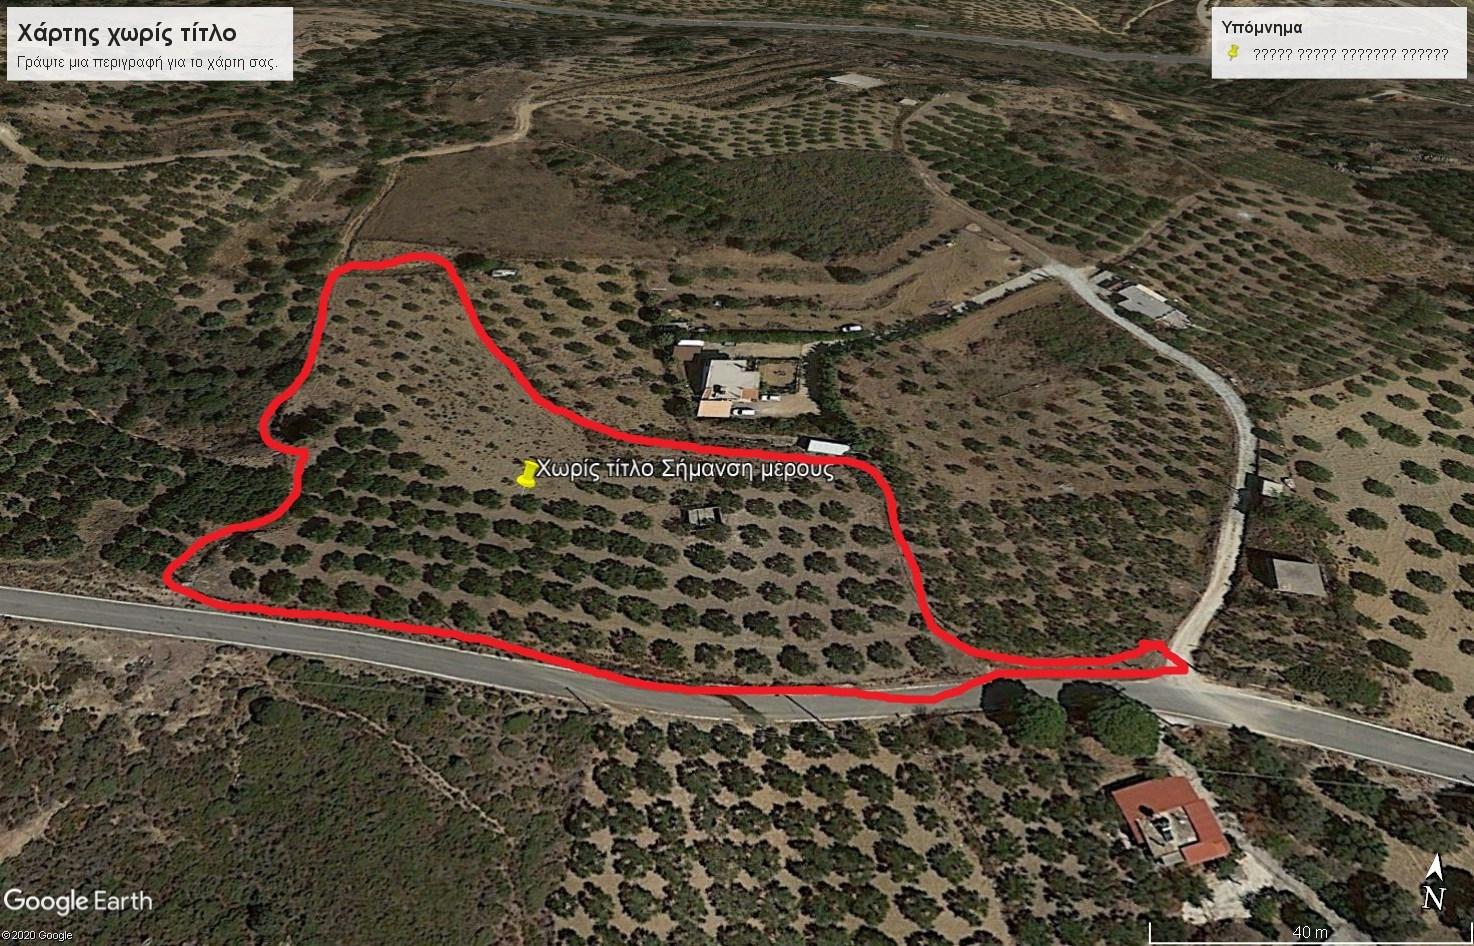 PLOT 4.300 sqm AT AGIA PELAGIA (ACHLADA) OF HERAKLION CRETE